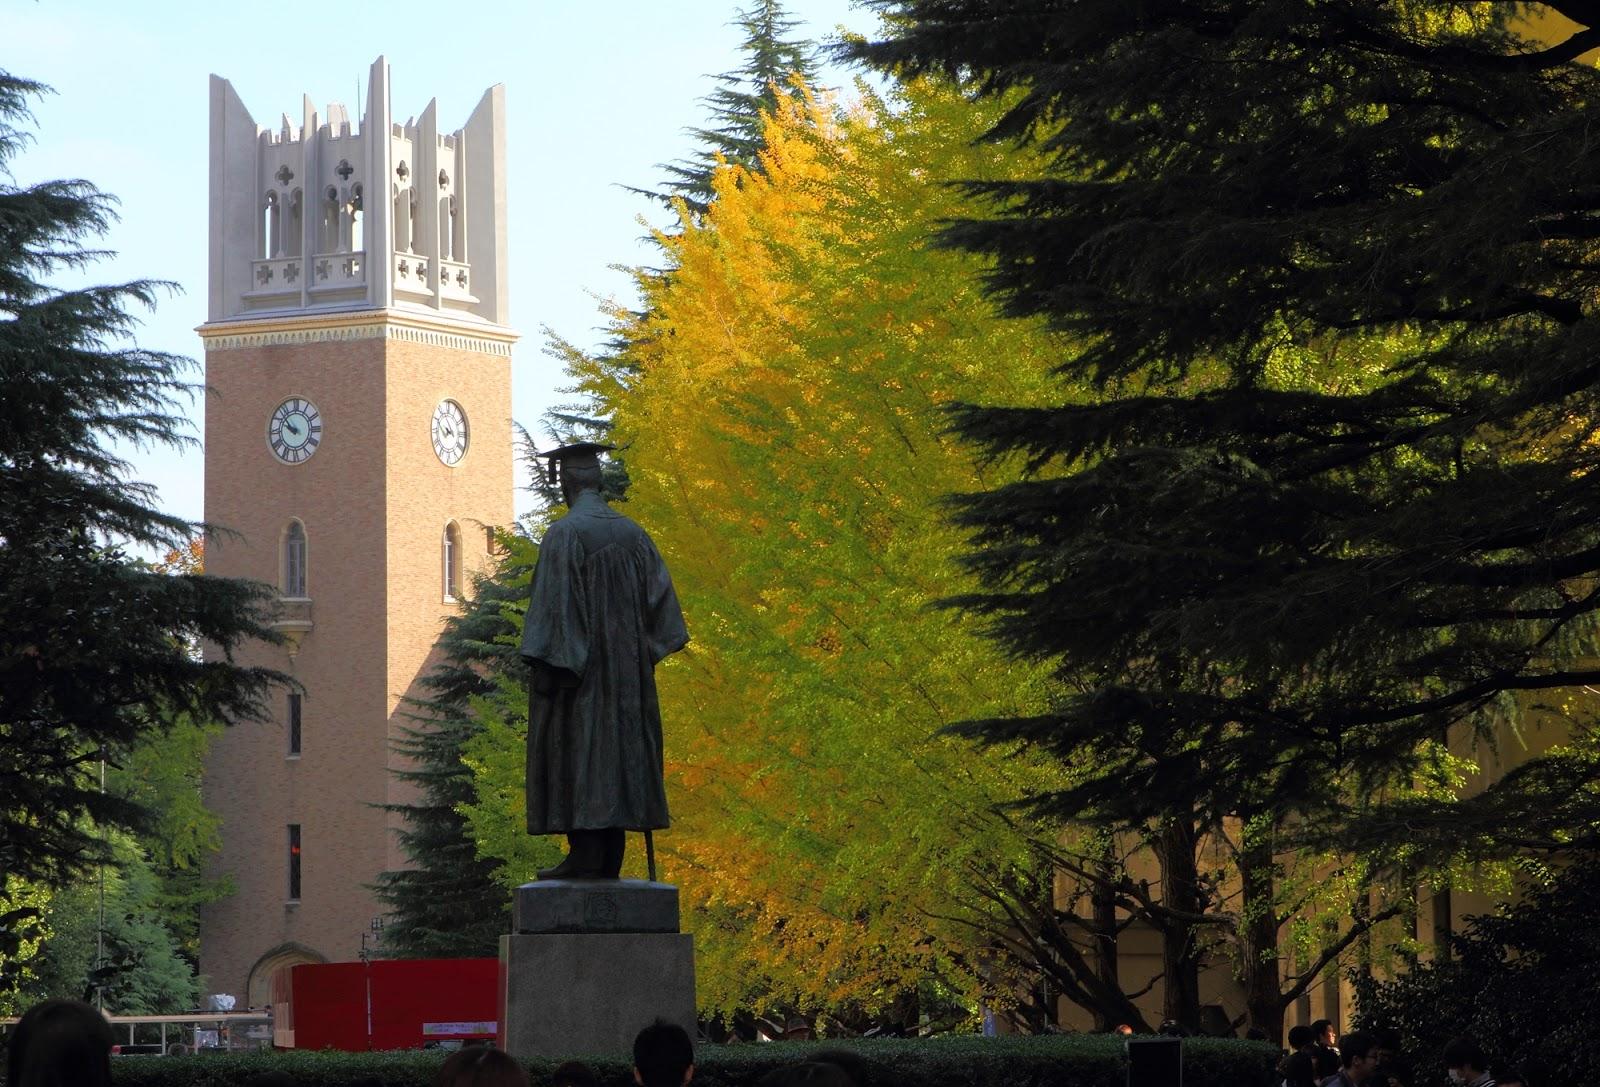 早稲田大学の大隈重信の銅像